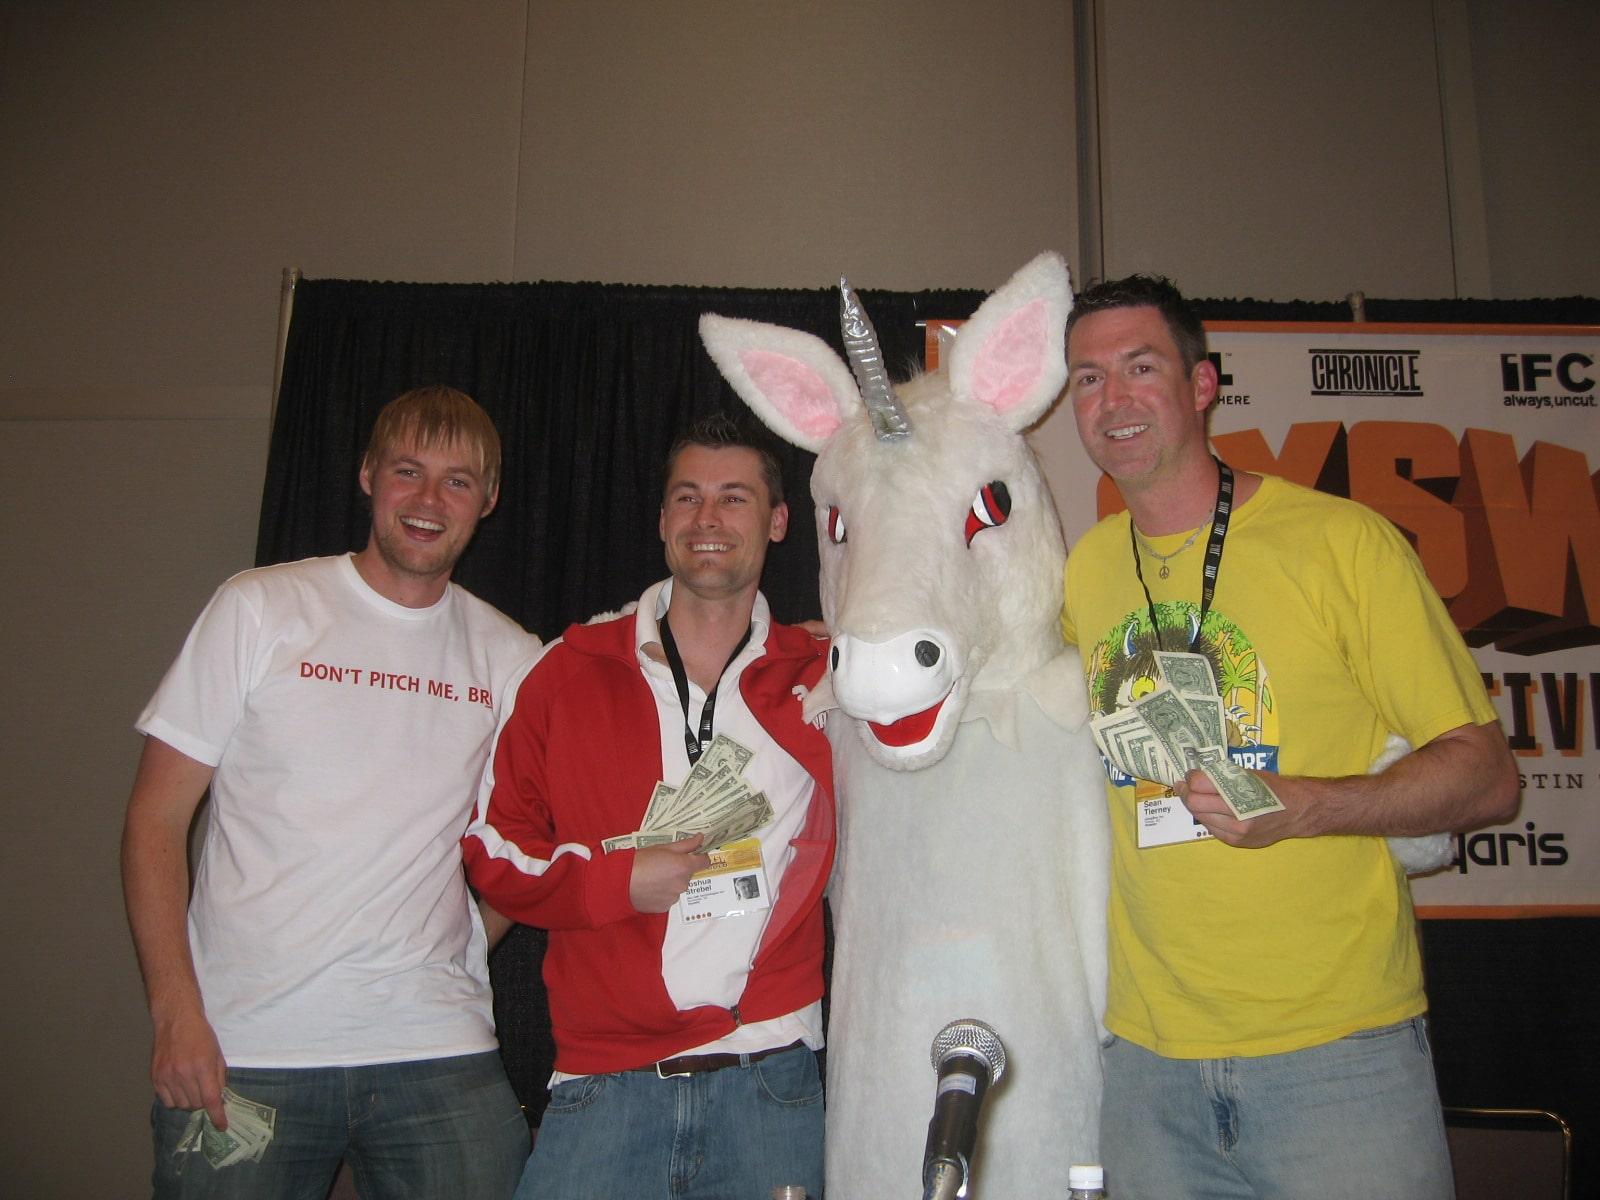 Andrew Hyde, Josh Strebel the Unicorn and Sean Tierney at SXSW 2008